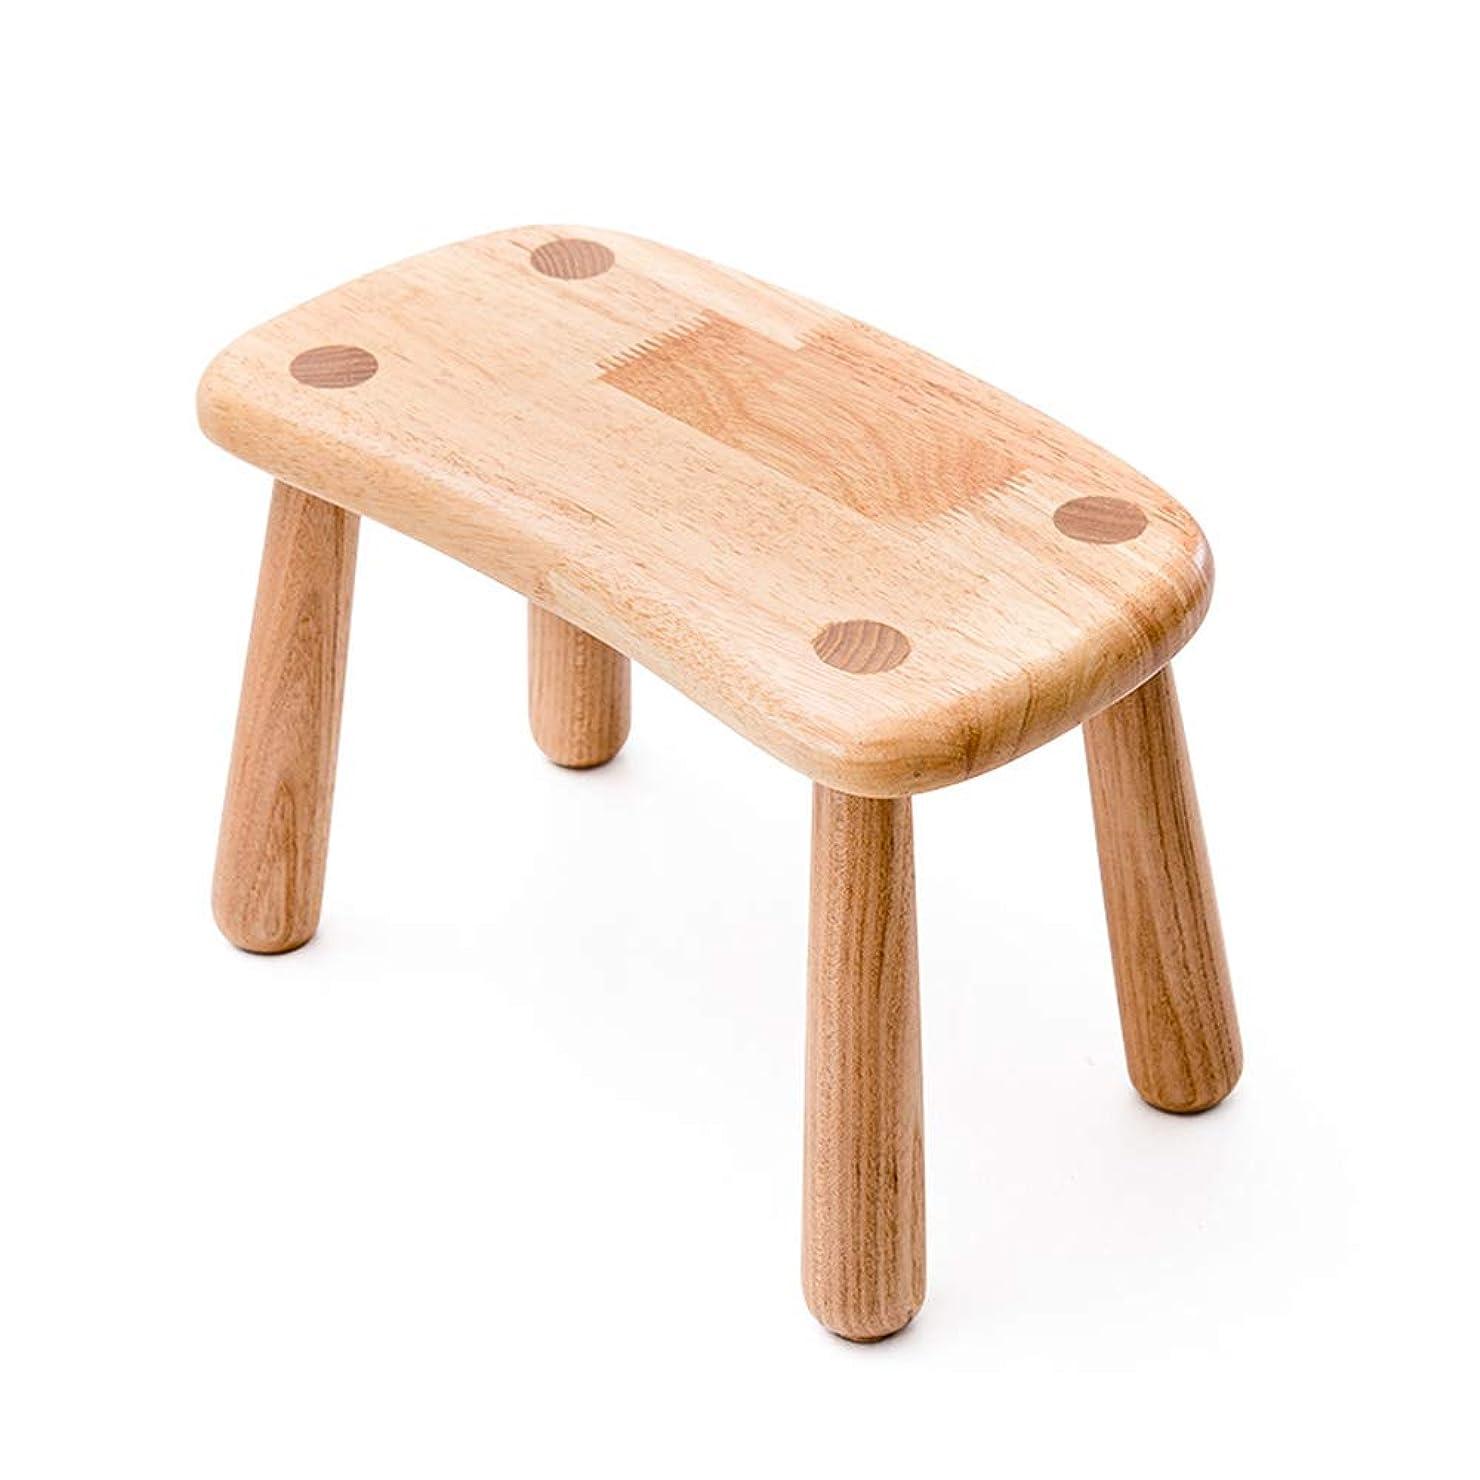 聴くアームストロング正気子供の学習テーブル学生テーブルの純木のテーブルスツール、子供のゲームの純木のテーブル、テーブルおよび椅子セット、家族のために適したモダンなミニマリストスタイル、幼稚園